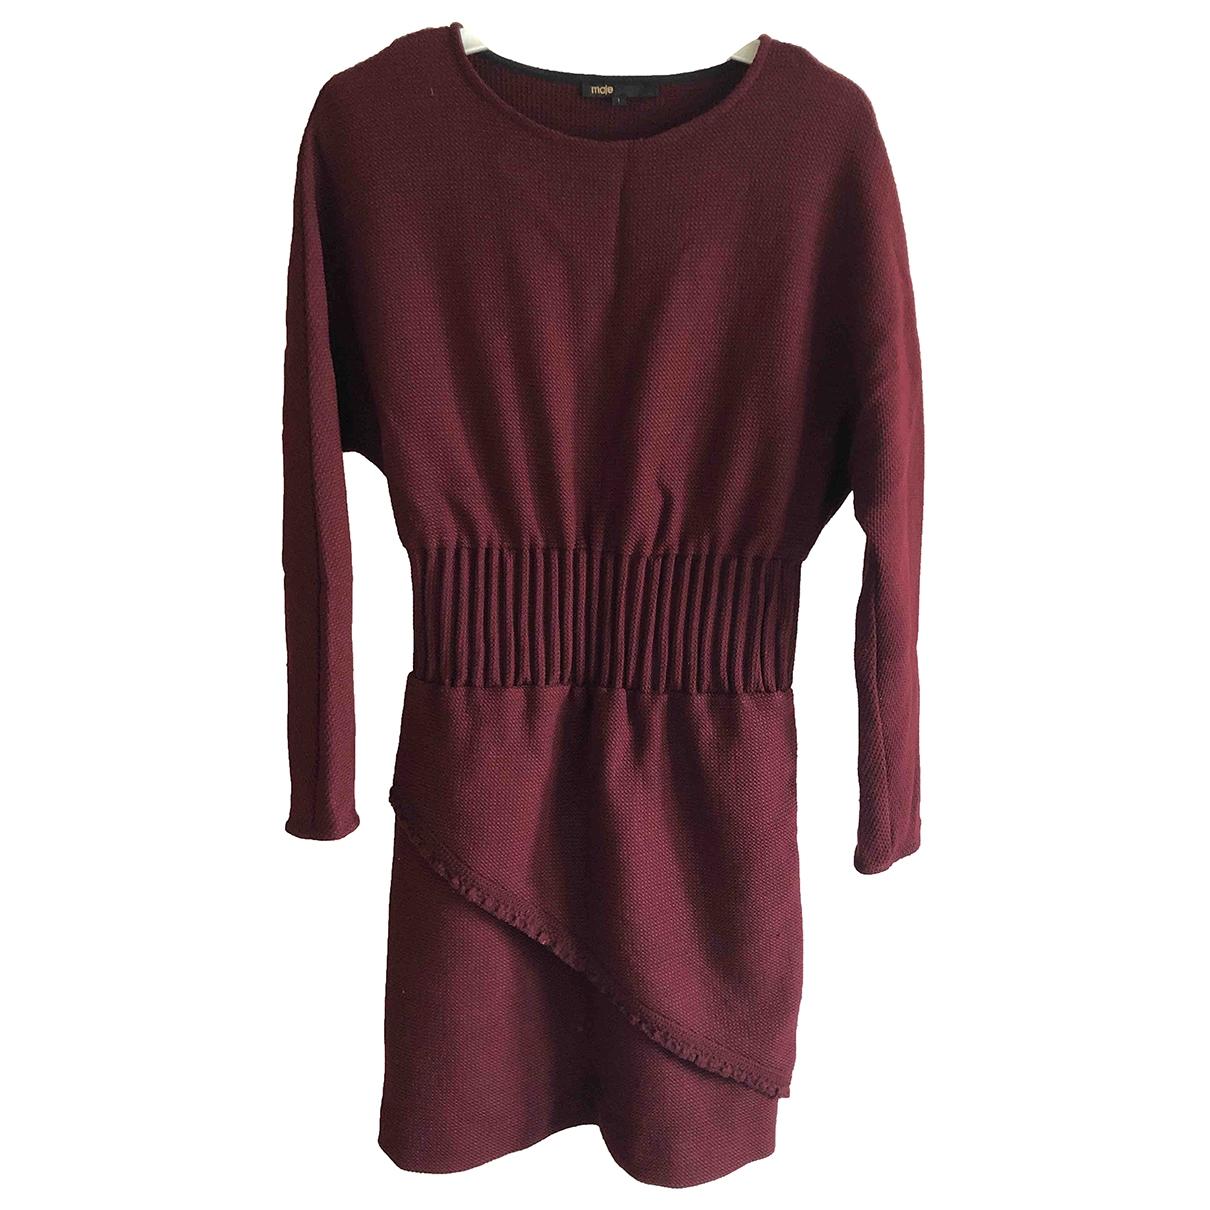 Maje \N Kleid in  Bordeauxrot Polyester